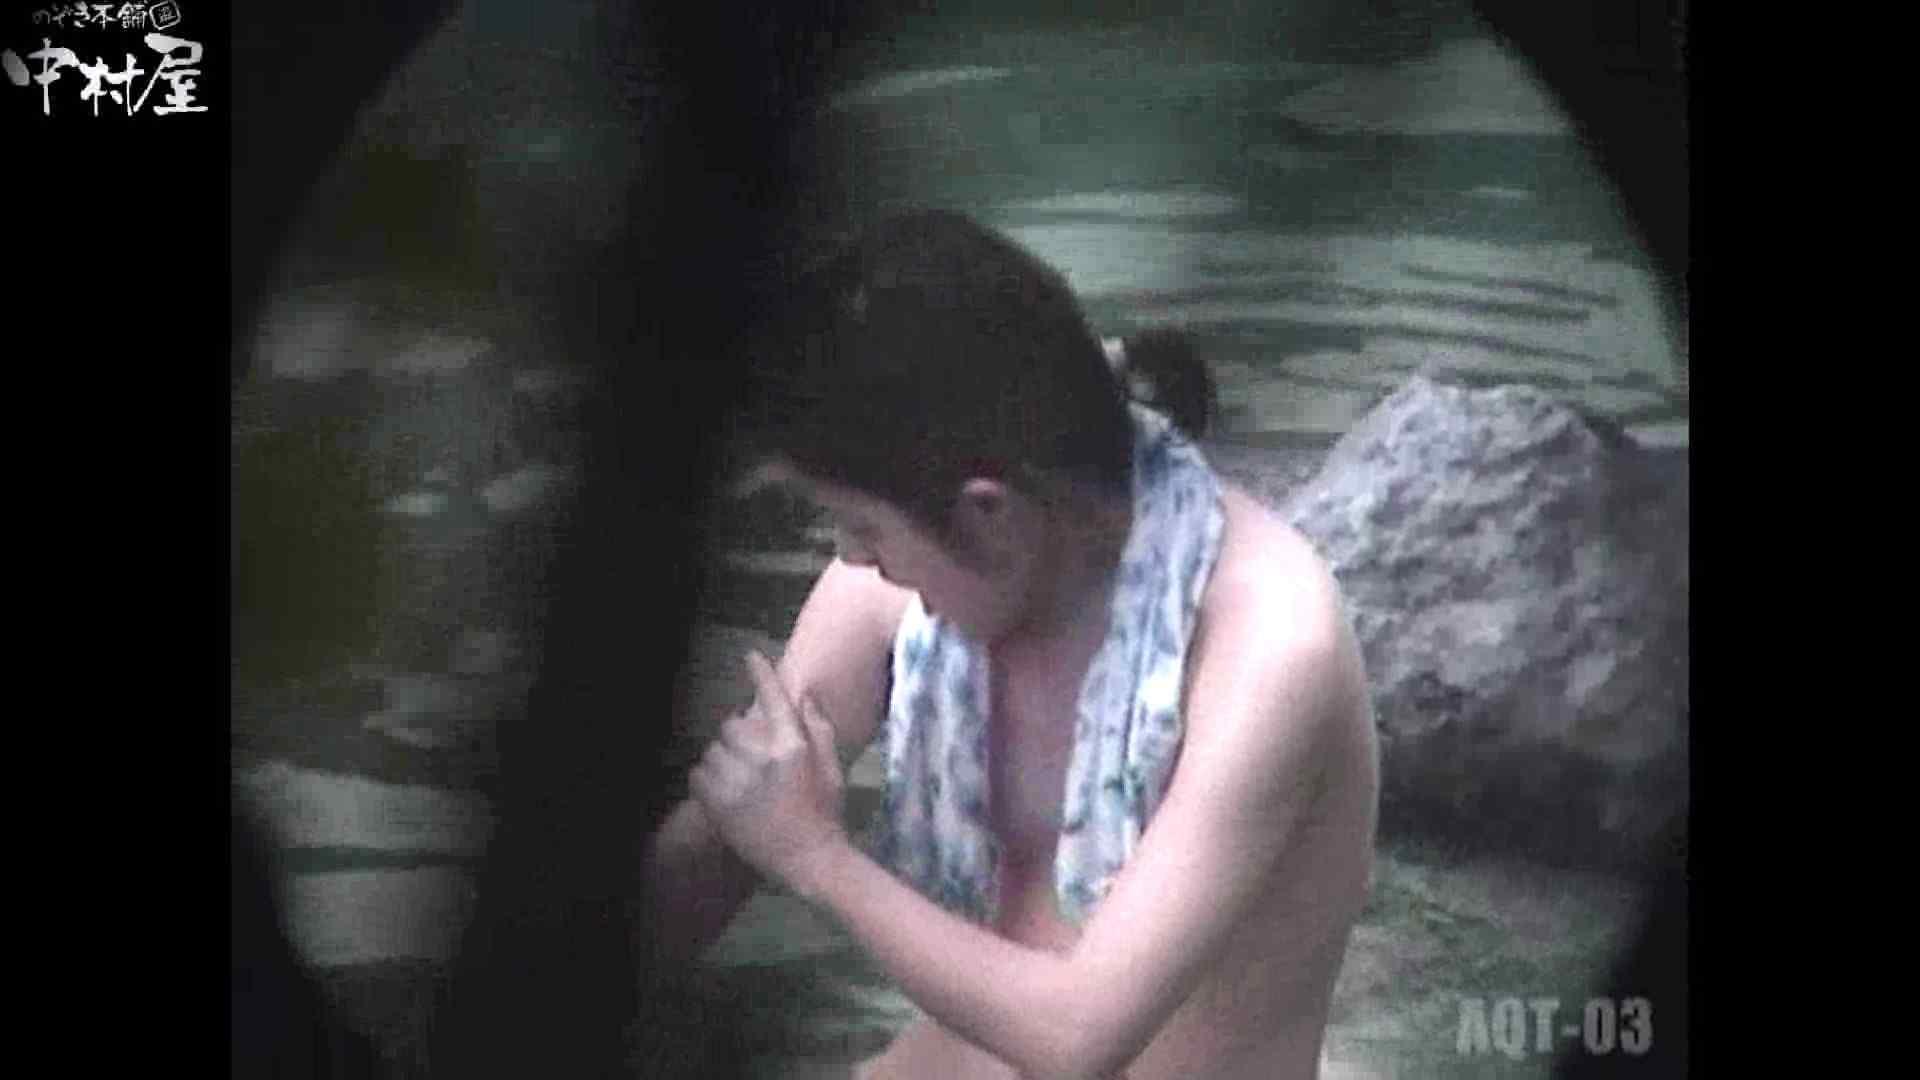 Aquaな露天風呂Vol.867潜入盗撮露天風呂参判湯 其の八 OLセックス  56画像 56